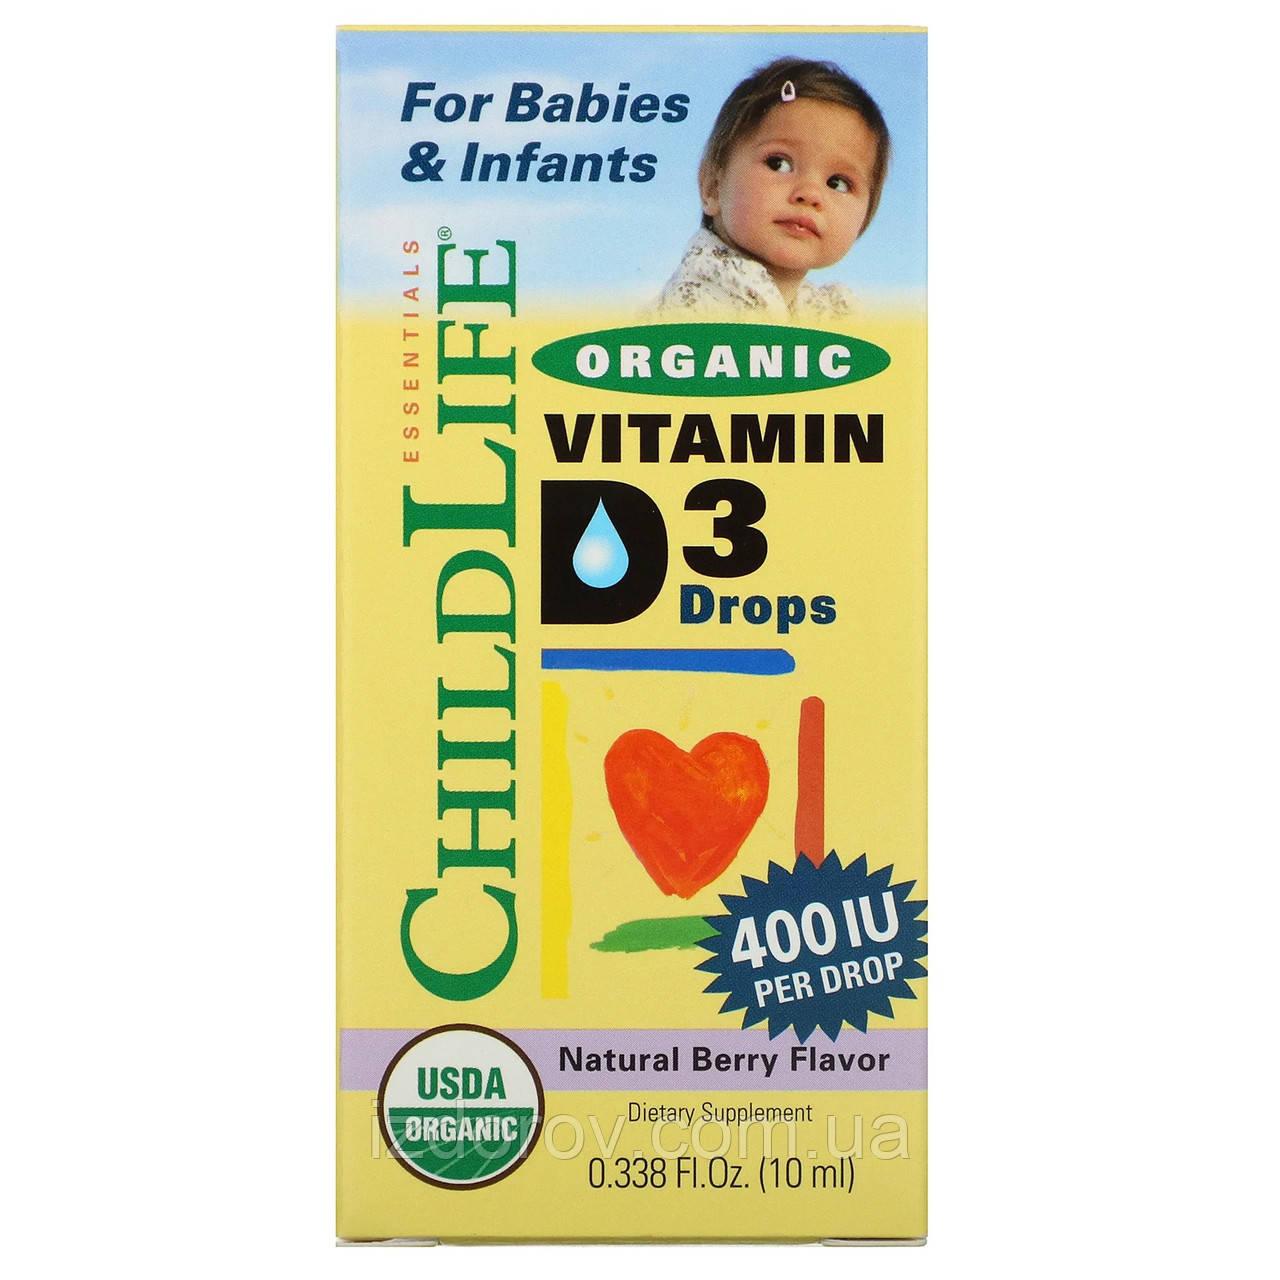 ChildLife, Органический витамин D3 в каплях для детей, натуральный ягодный вкус, 400 МЕ, 10 мл